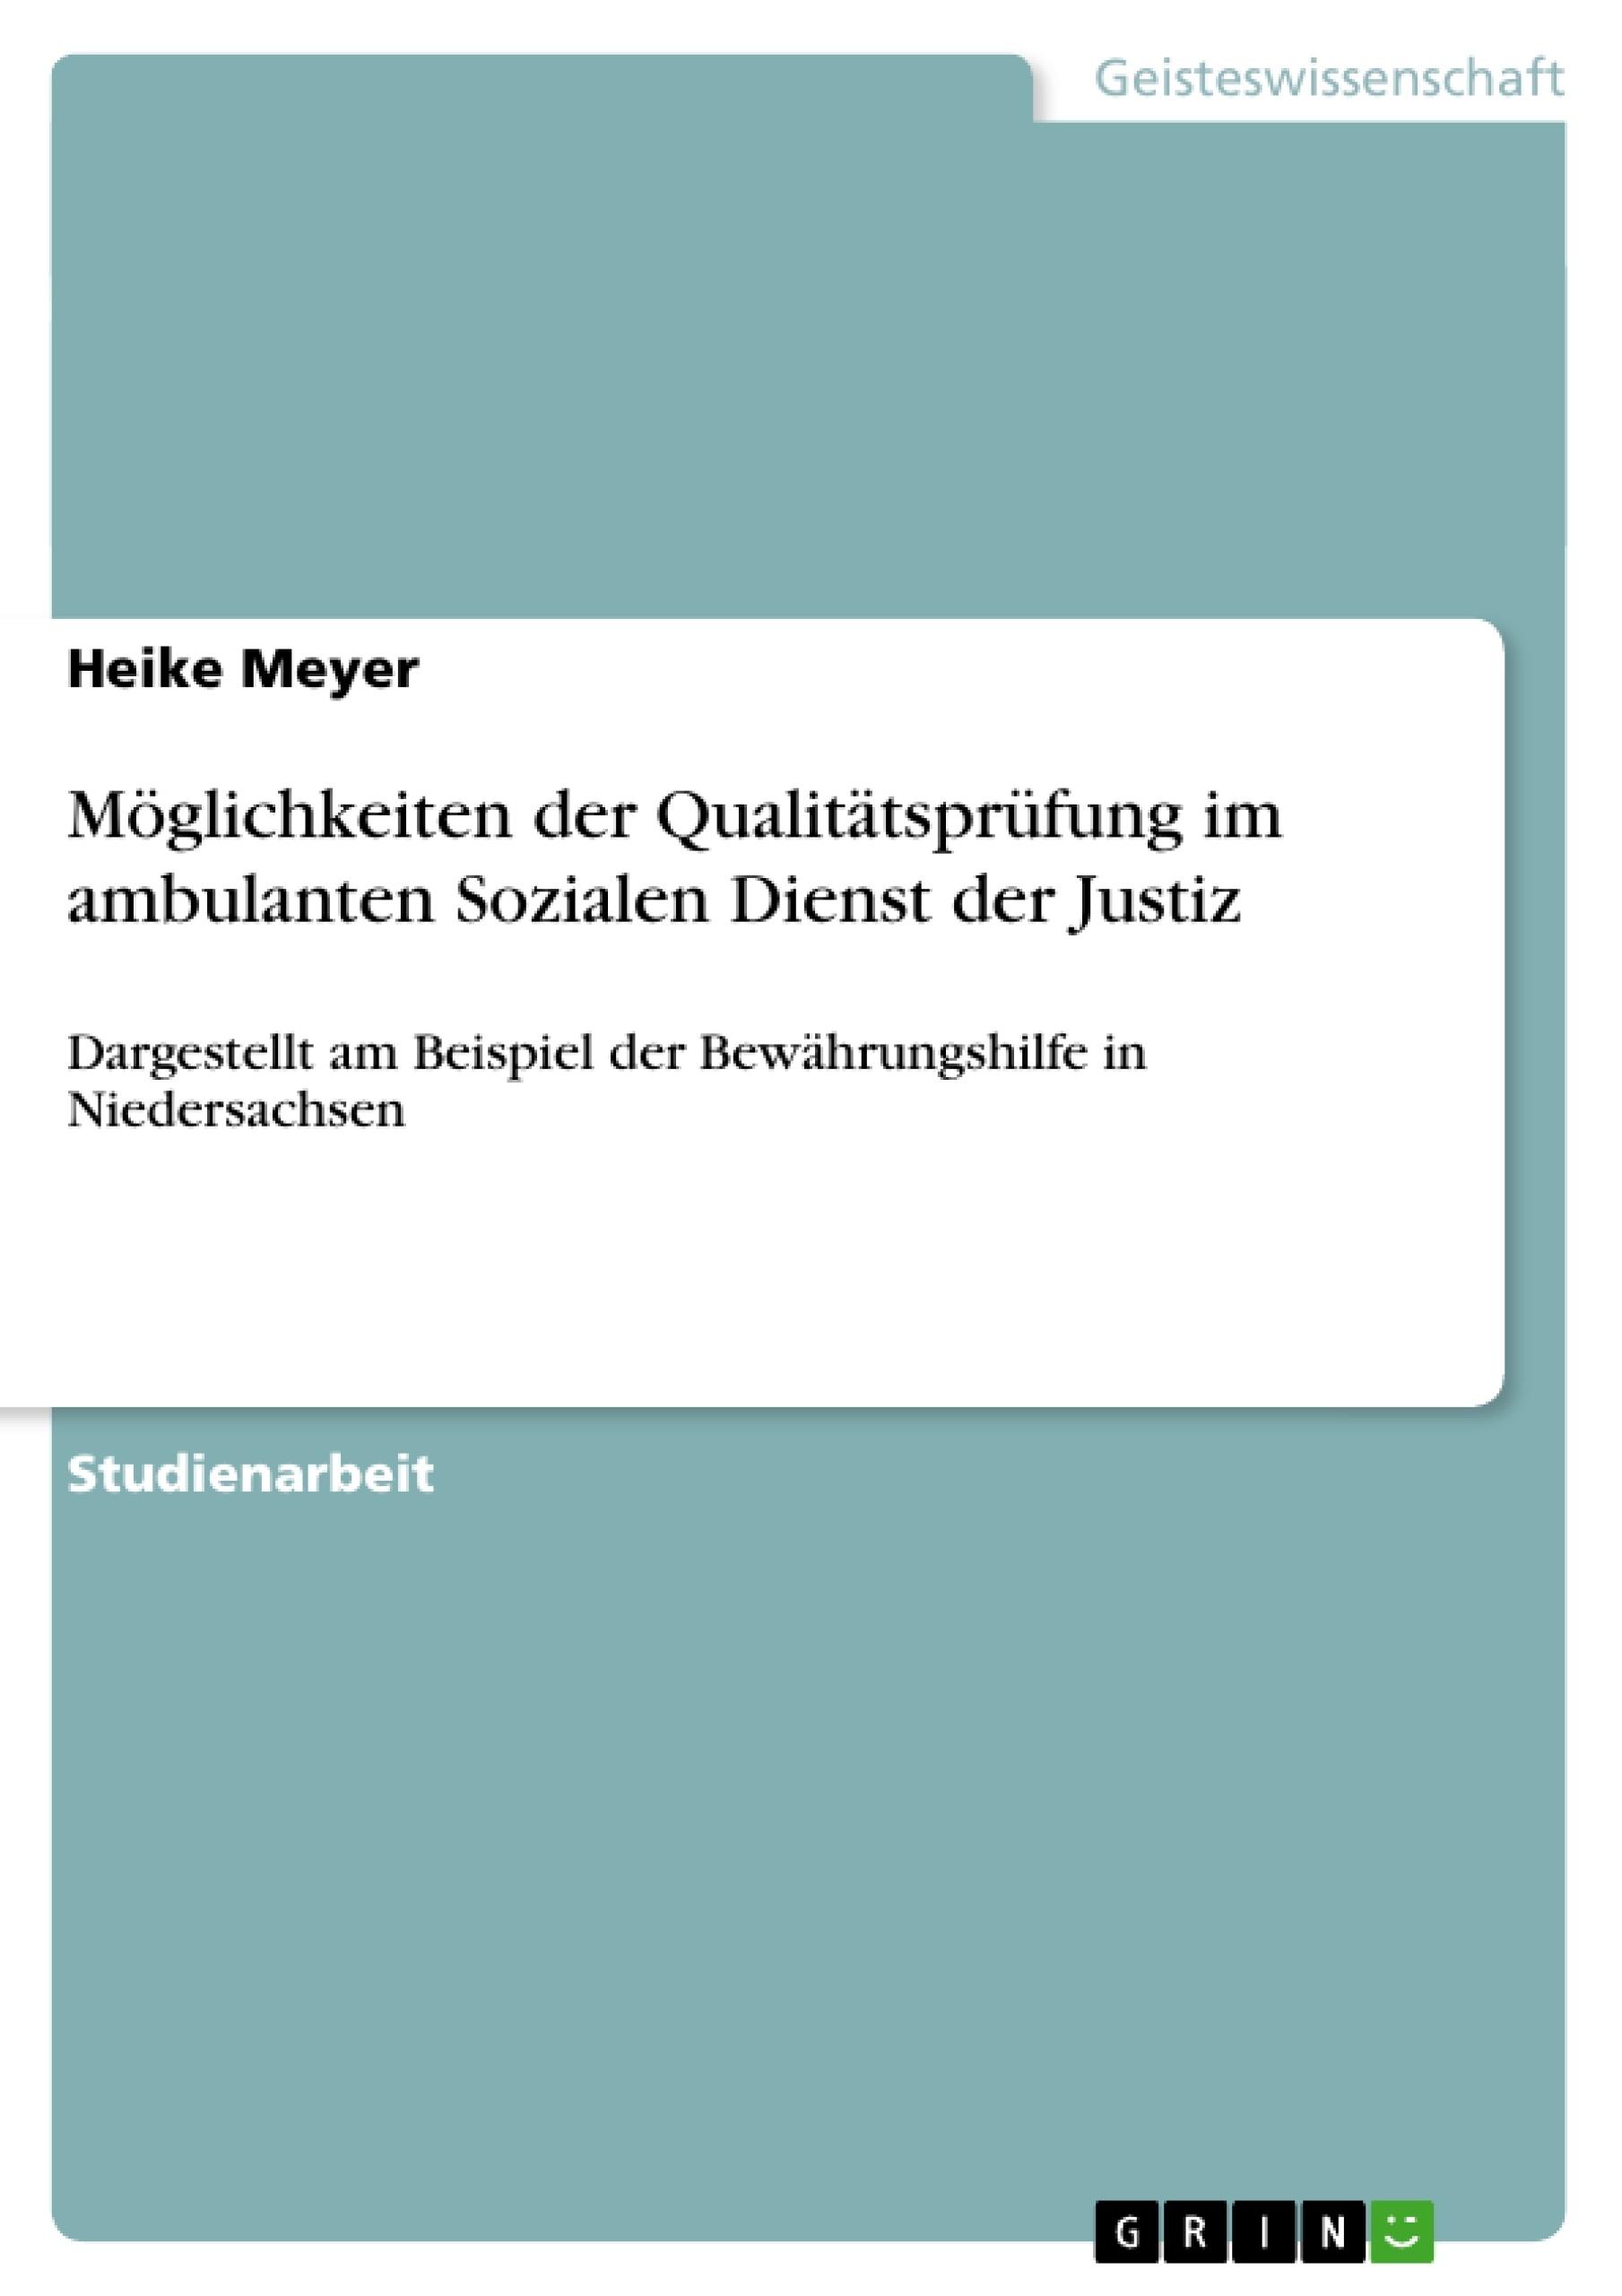 Titel: Möglichkeiten der Qualitätsprüfung im ambulanten Sozialen Dienst der Justiz